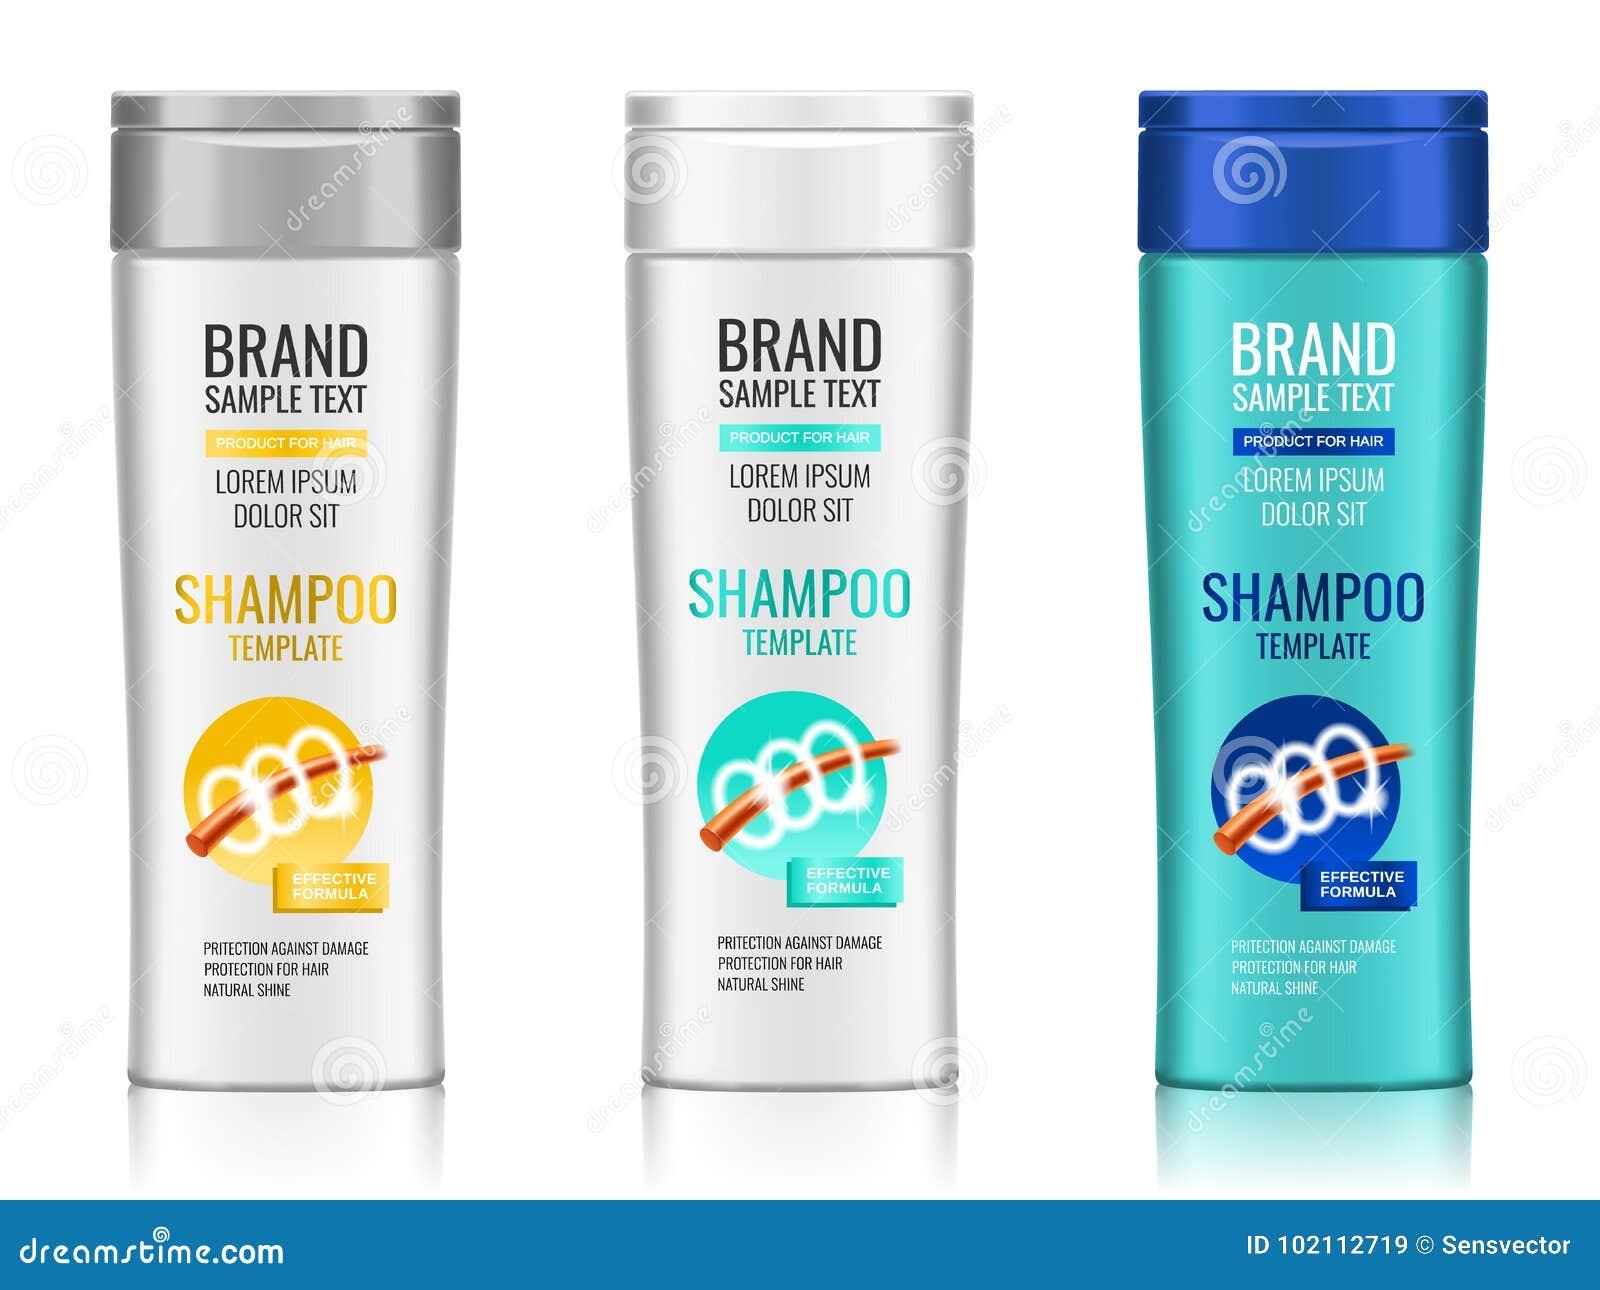 Kosmetische Verpackung, realistisches Plastikshampoo oder Duschgelflaschenschablone mit unterschiedlichem Design der Verpackung,